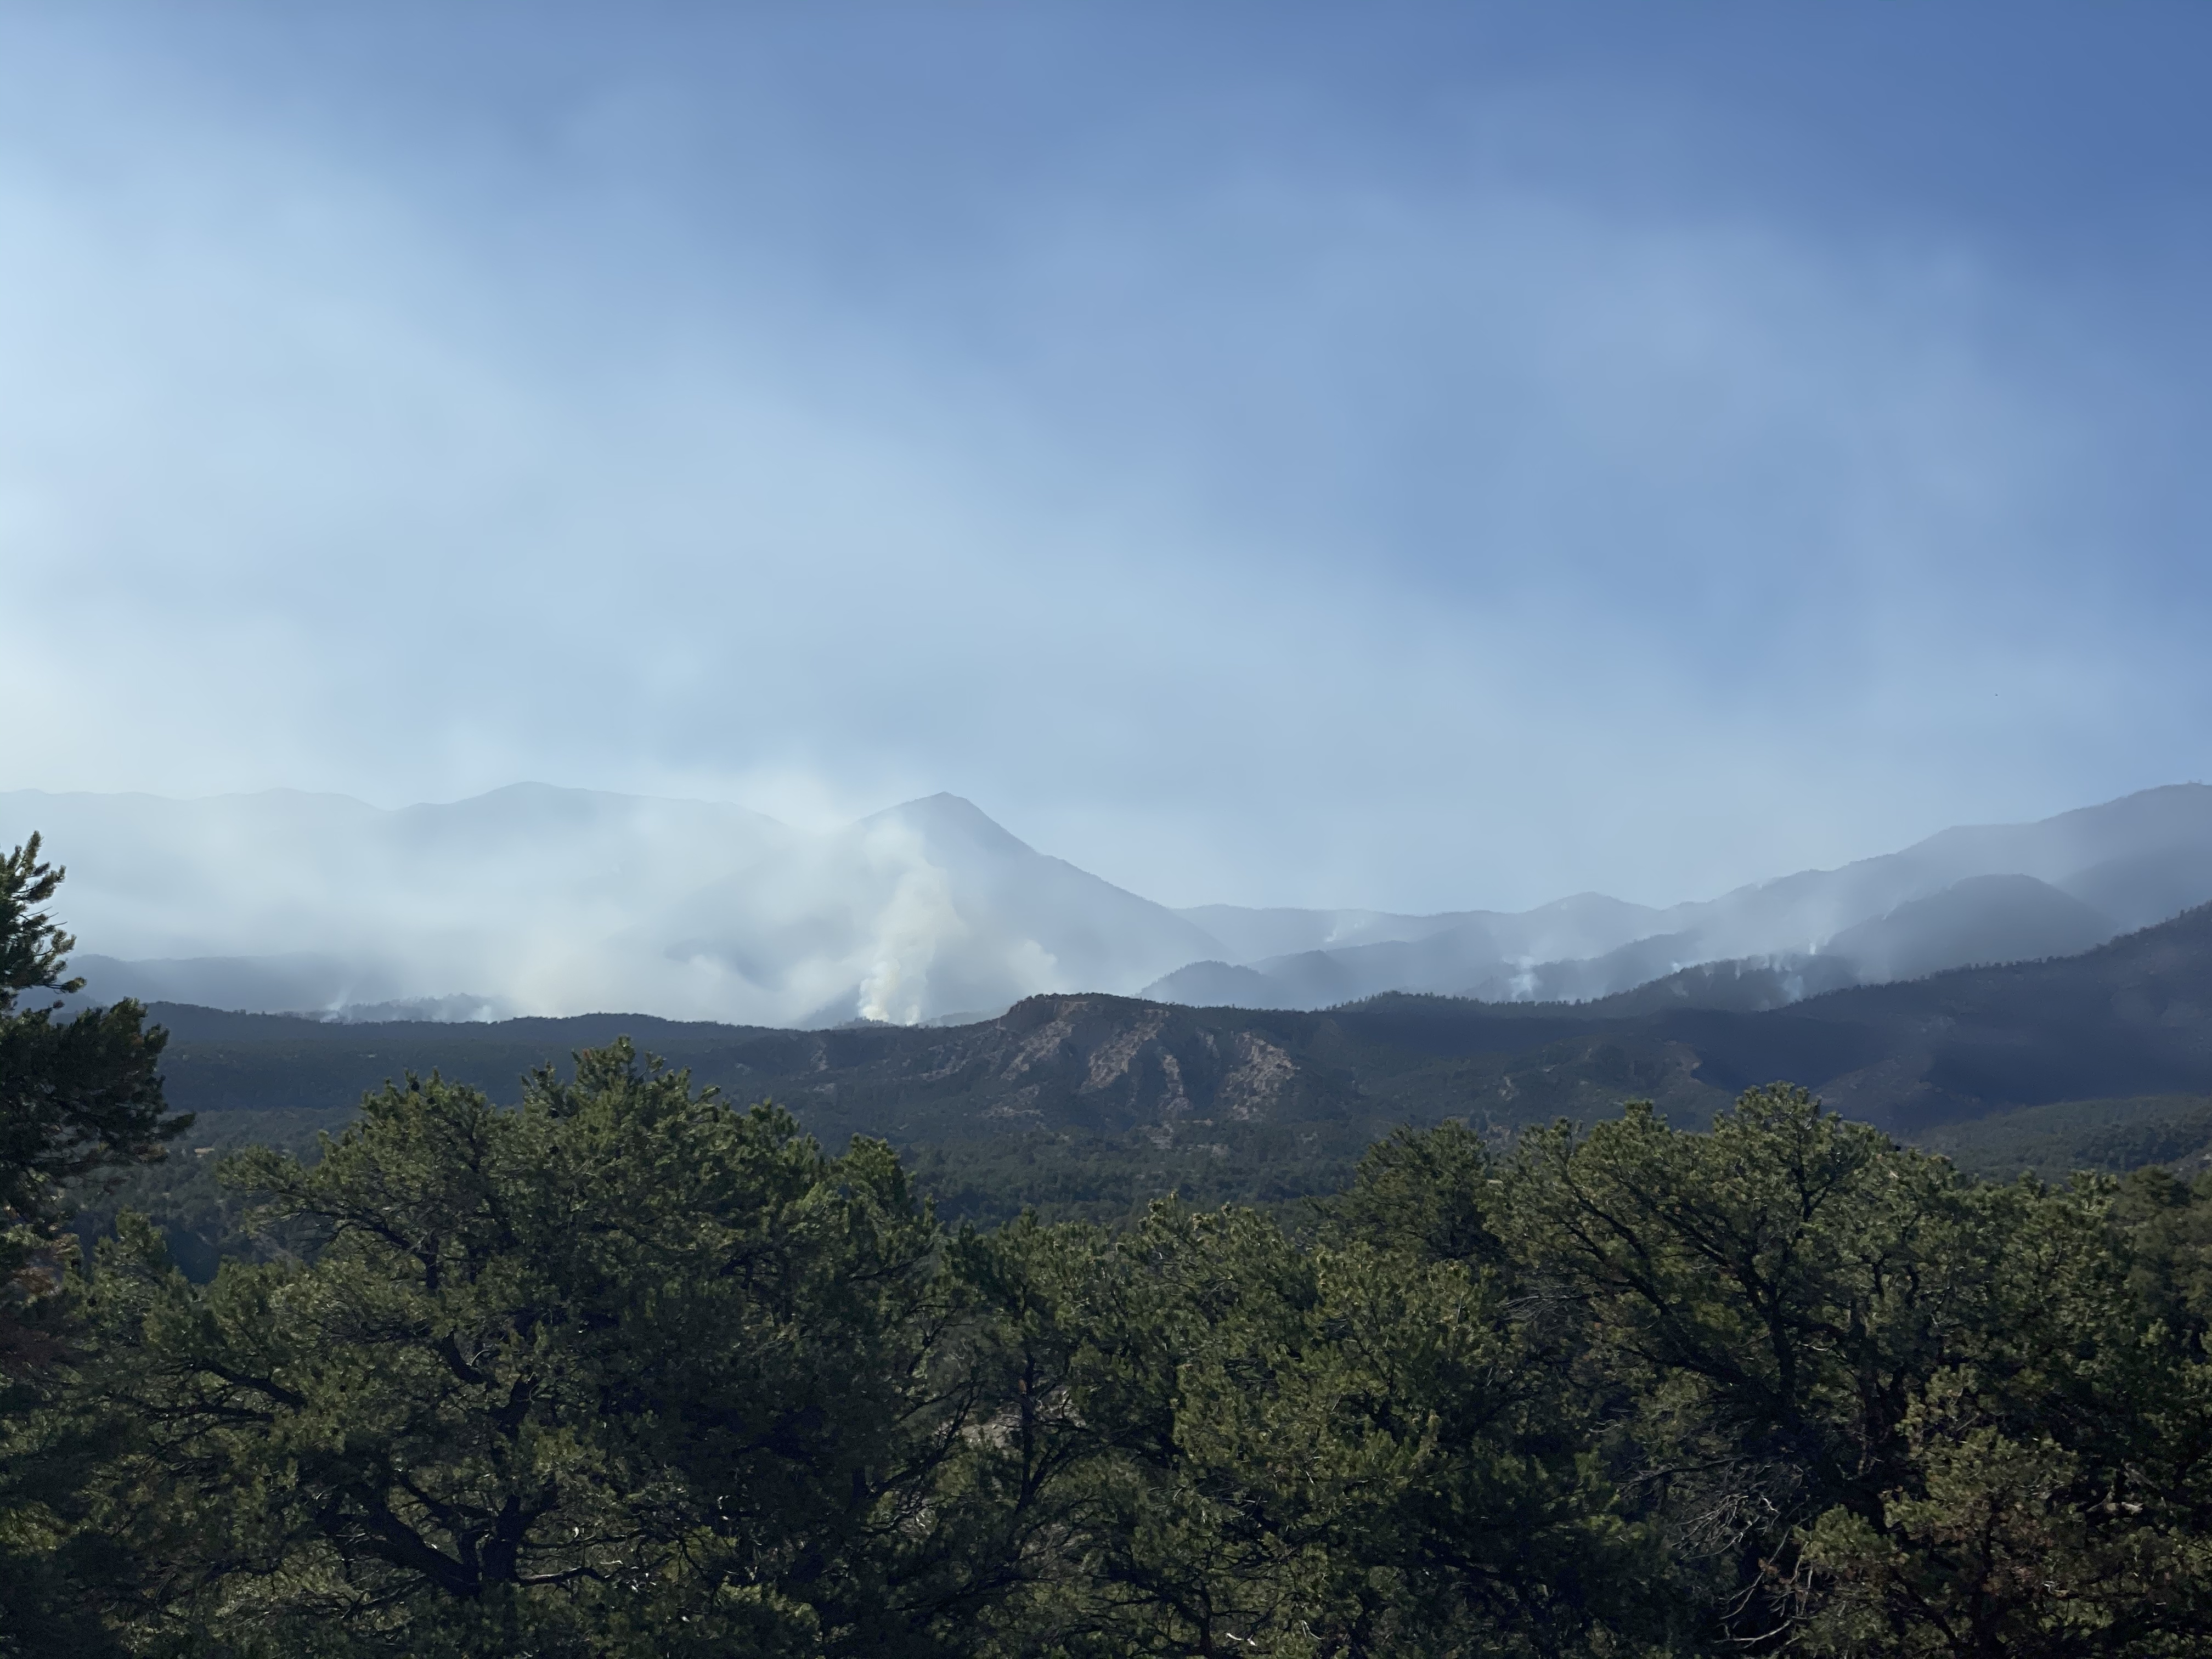 Smoke climbs up from a ridgeline along the Decker Fire, October 16, 2019.